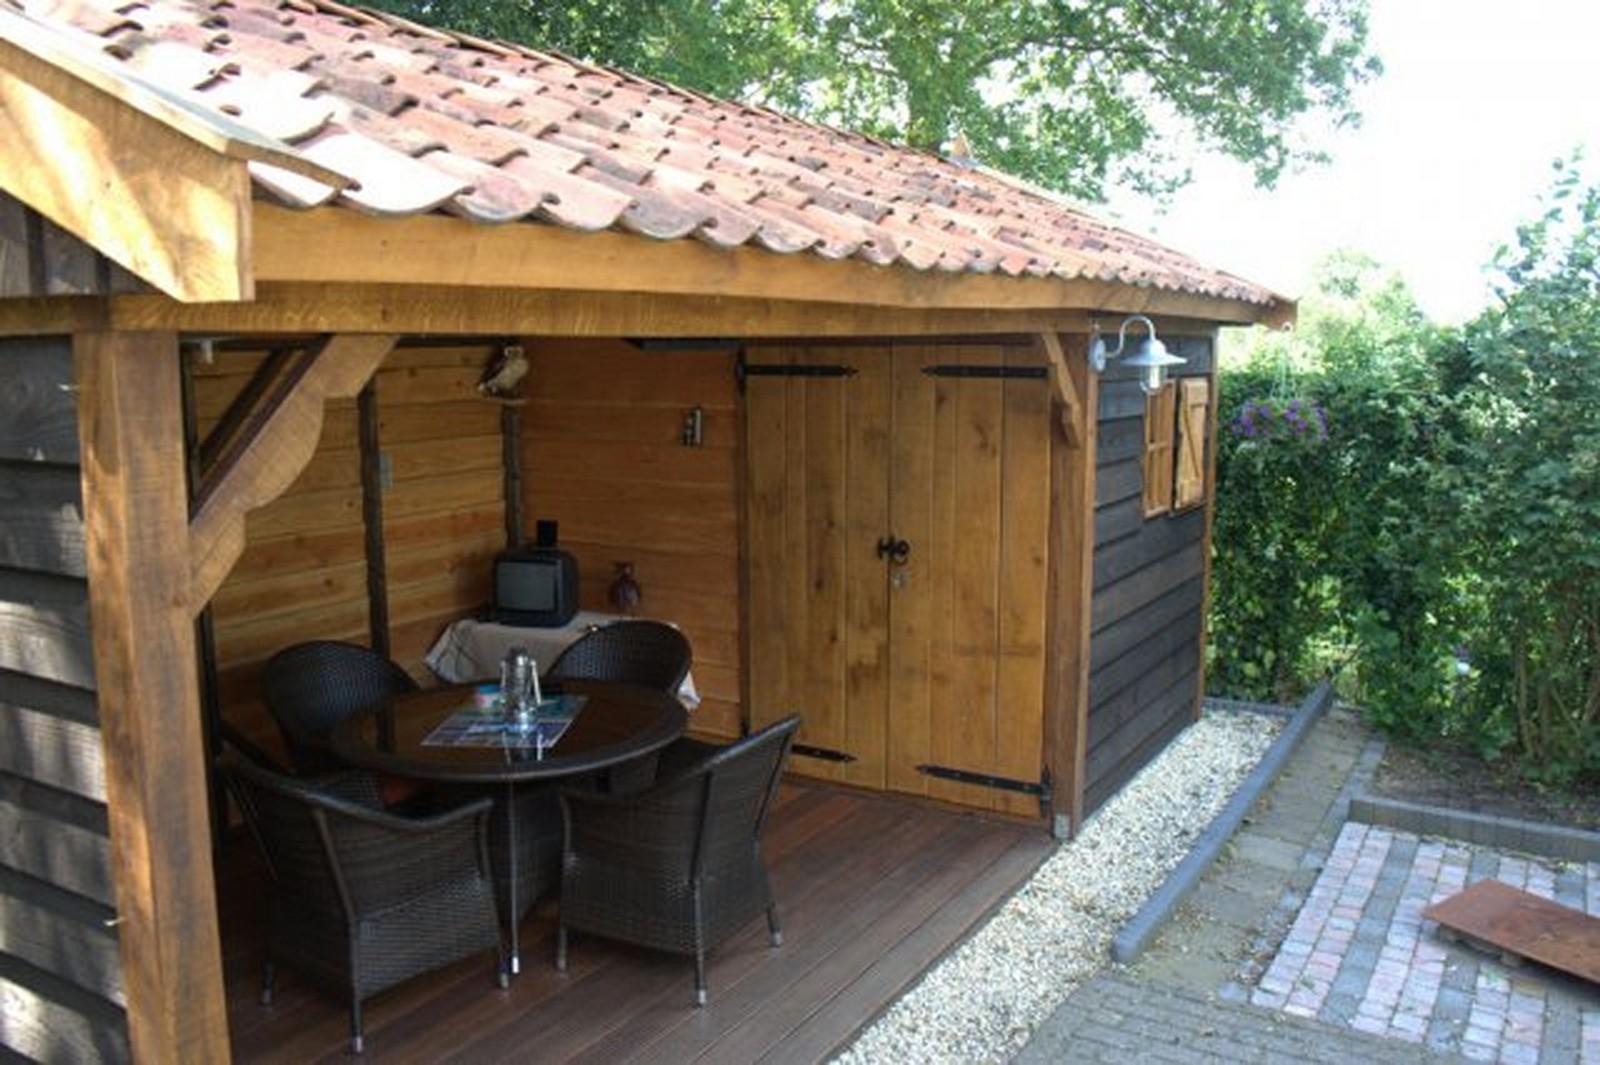 Vechtdal bouwsystemen authentieke bijgebouwen en tuinhuizen houten tuinhuis - Ontwerp tuinhuis ...